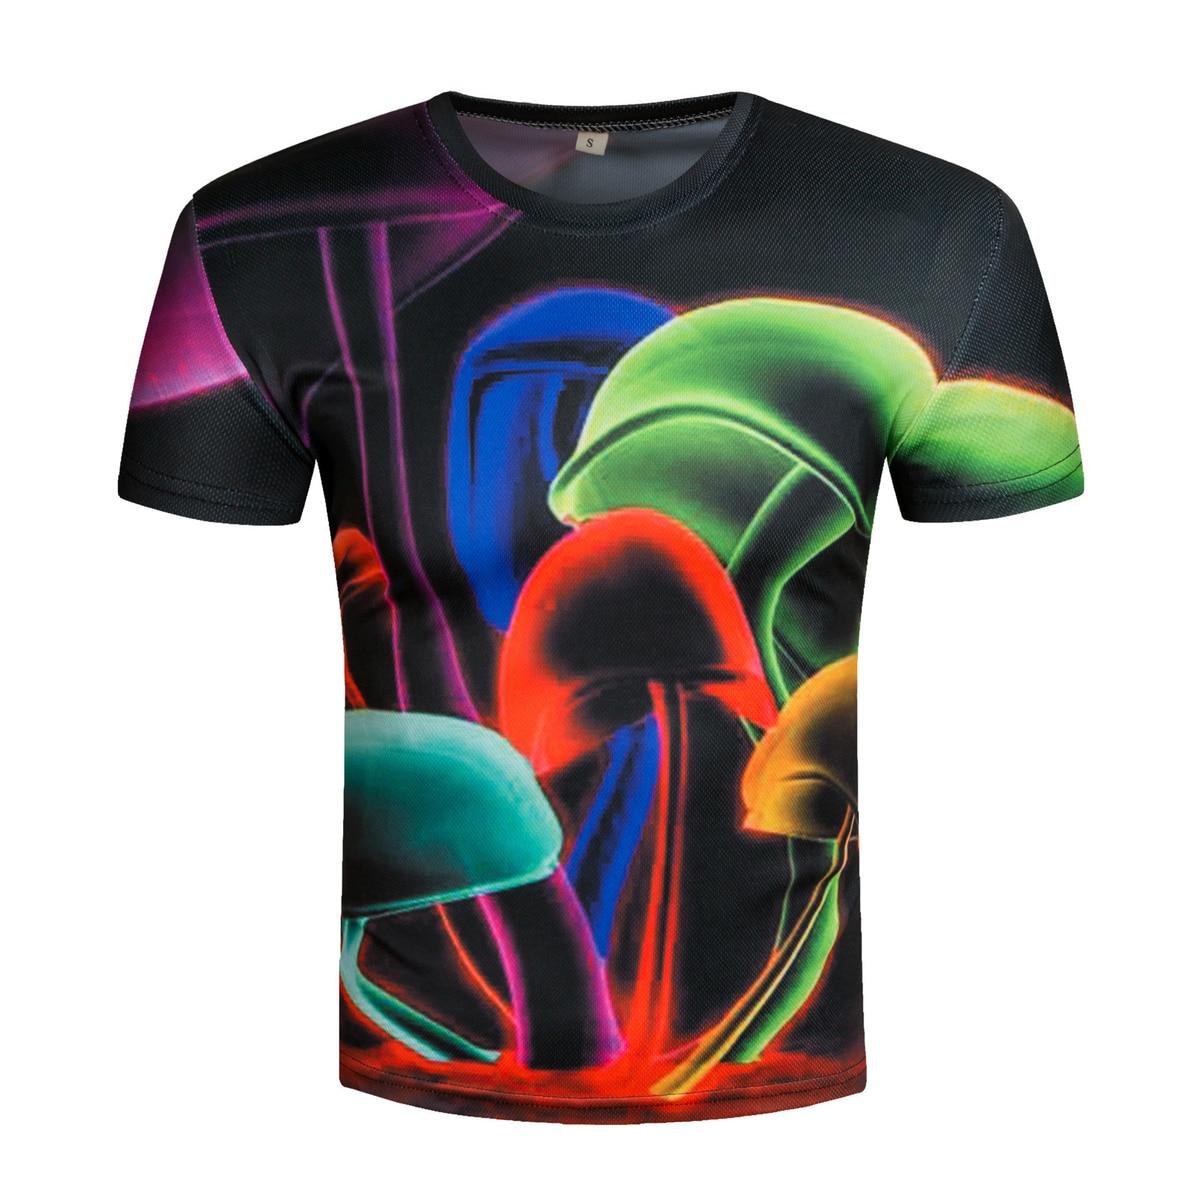 New Fashion tshirts Mens clothing Funny 3D man printed t-shirts Print Casual short sleeve tshirt T-Shirt male shirt homme